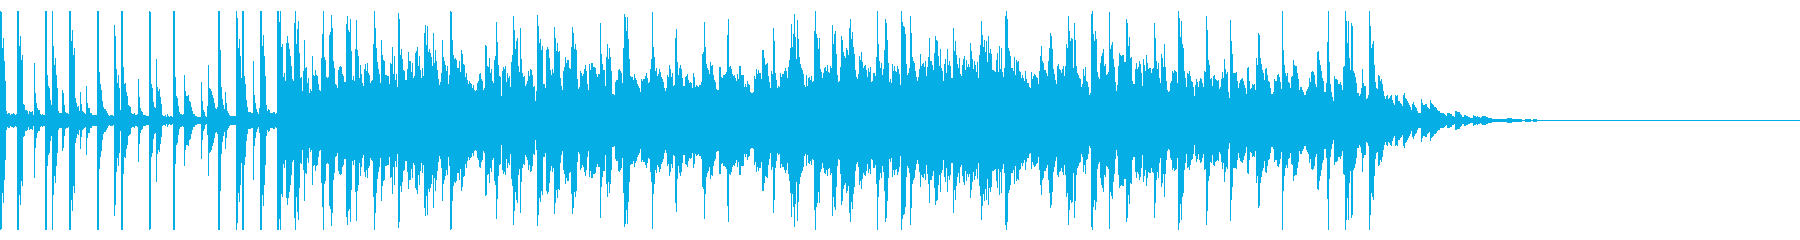 テクノな感じのシークエンスの再生済みの波形